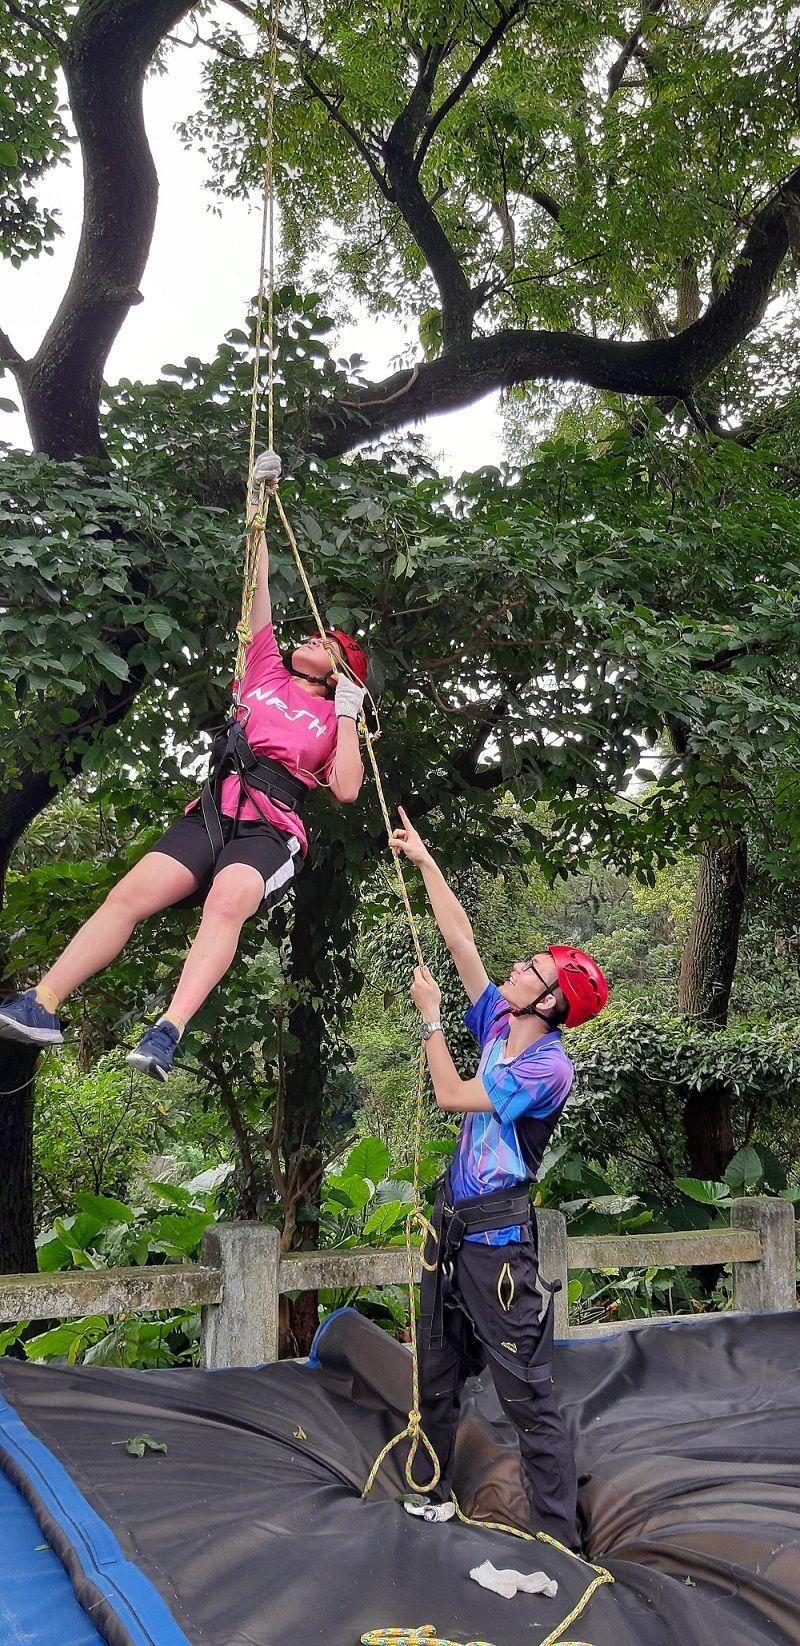 ▲南榮中學試辦攀樹課程,希望加強學生在戶外解決問題的能力(圖/基隆市府提供)